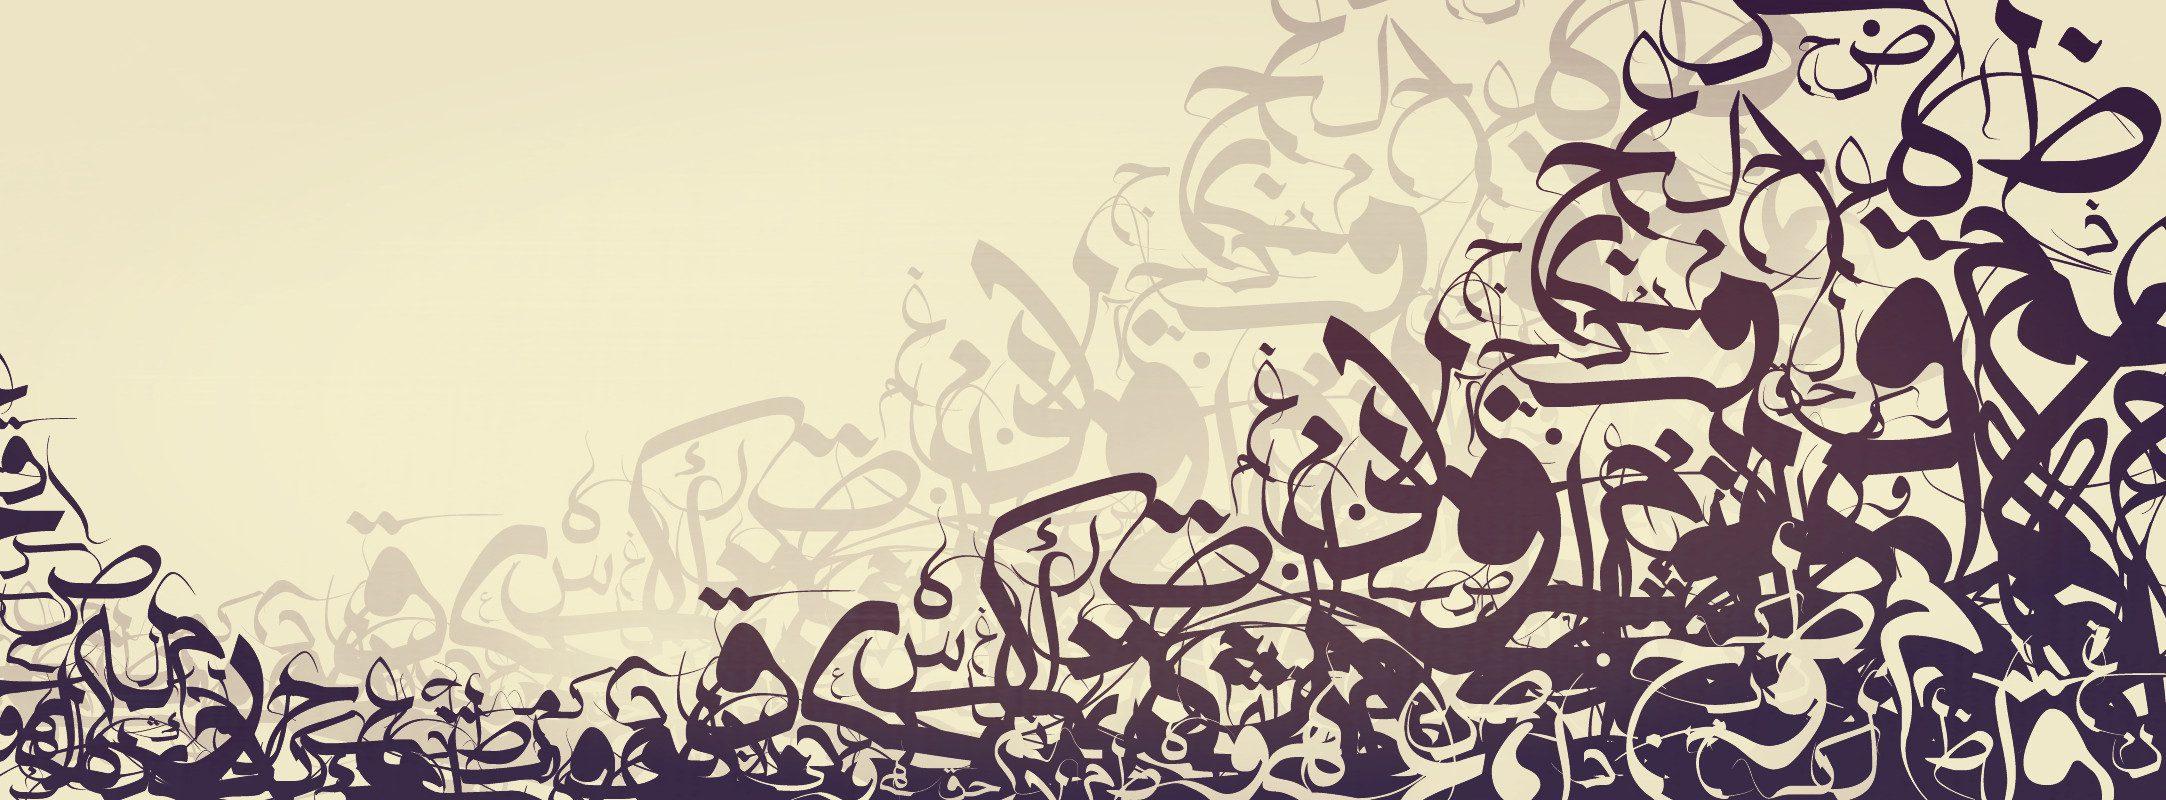 """"""" دوام جزئي"""" معهد وافد يطلب مدرسين و مدرسات لتعليم اللغة العربية لغير الناطقين بها لا يشترط التخصص"""